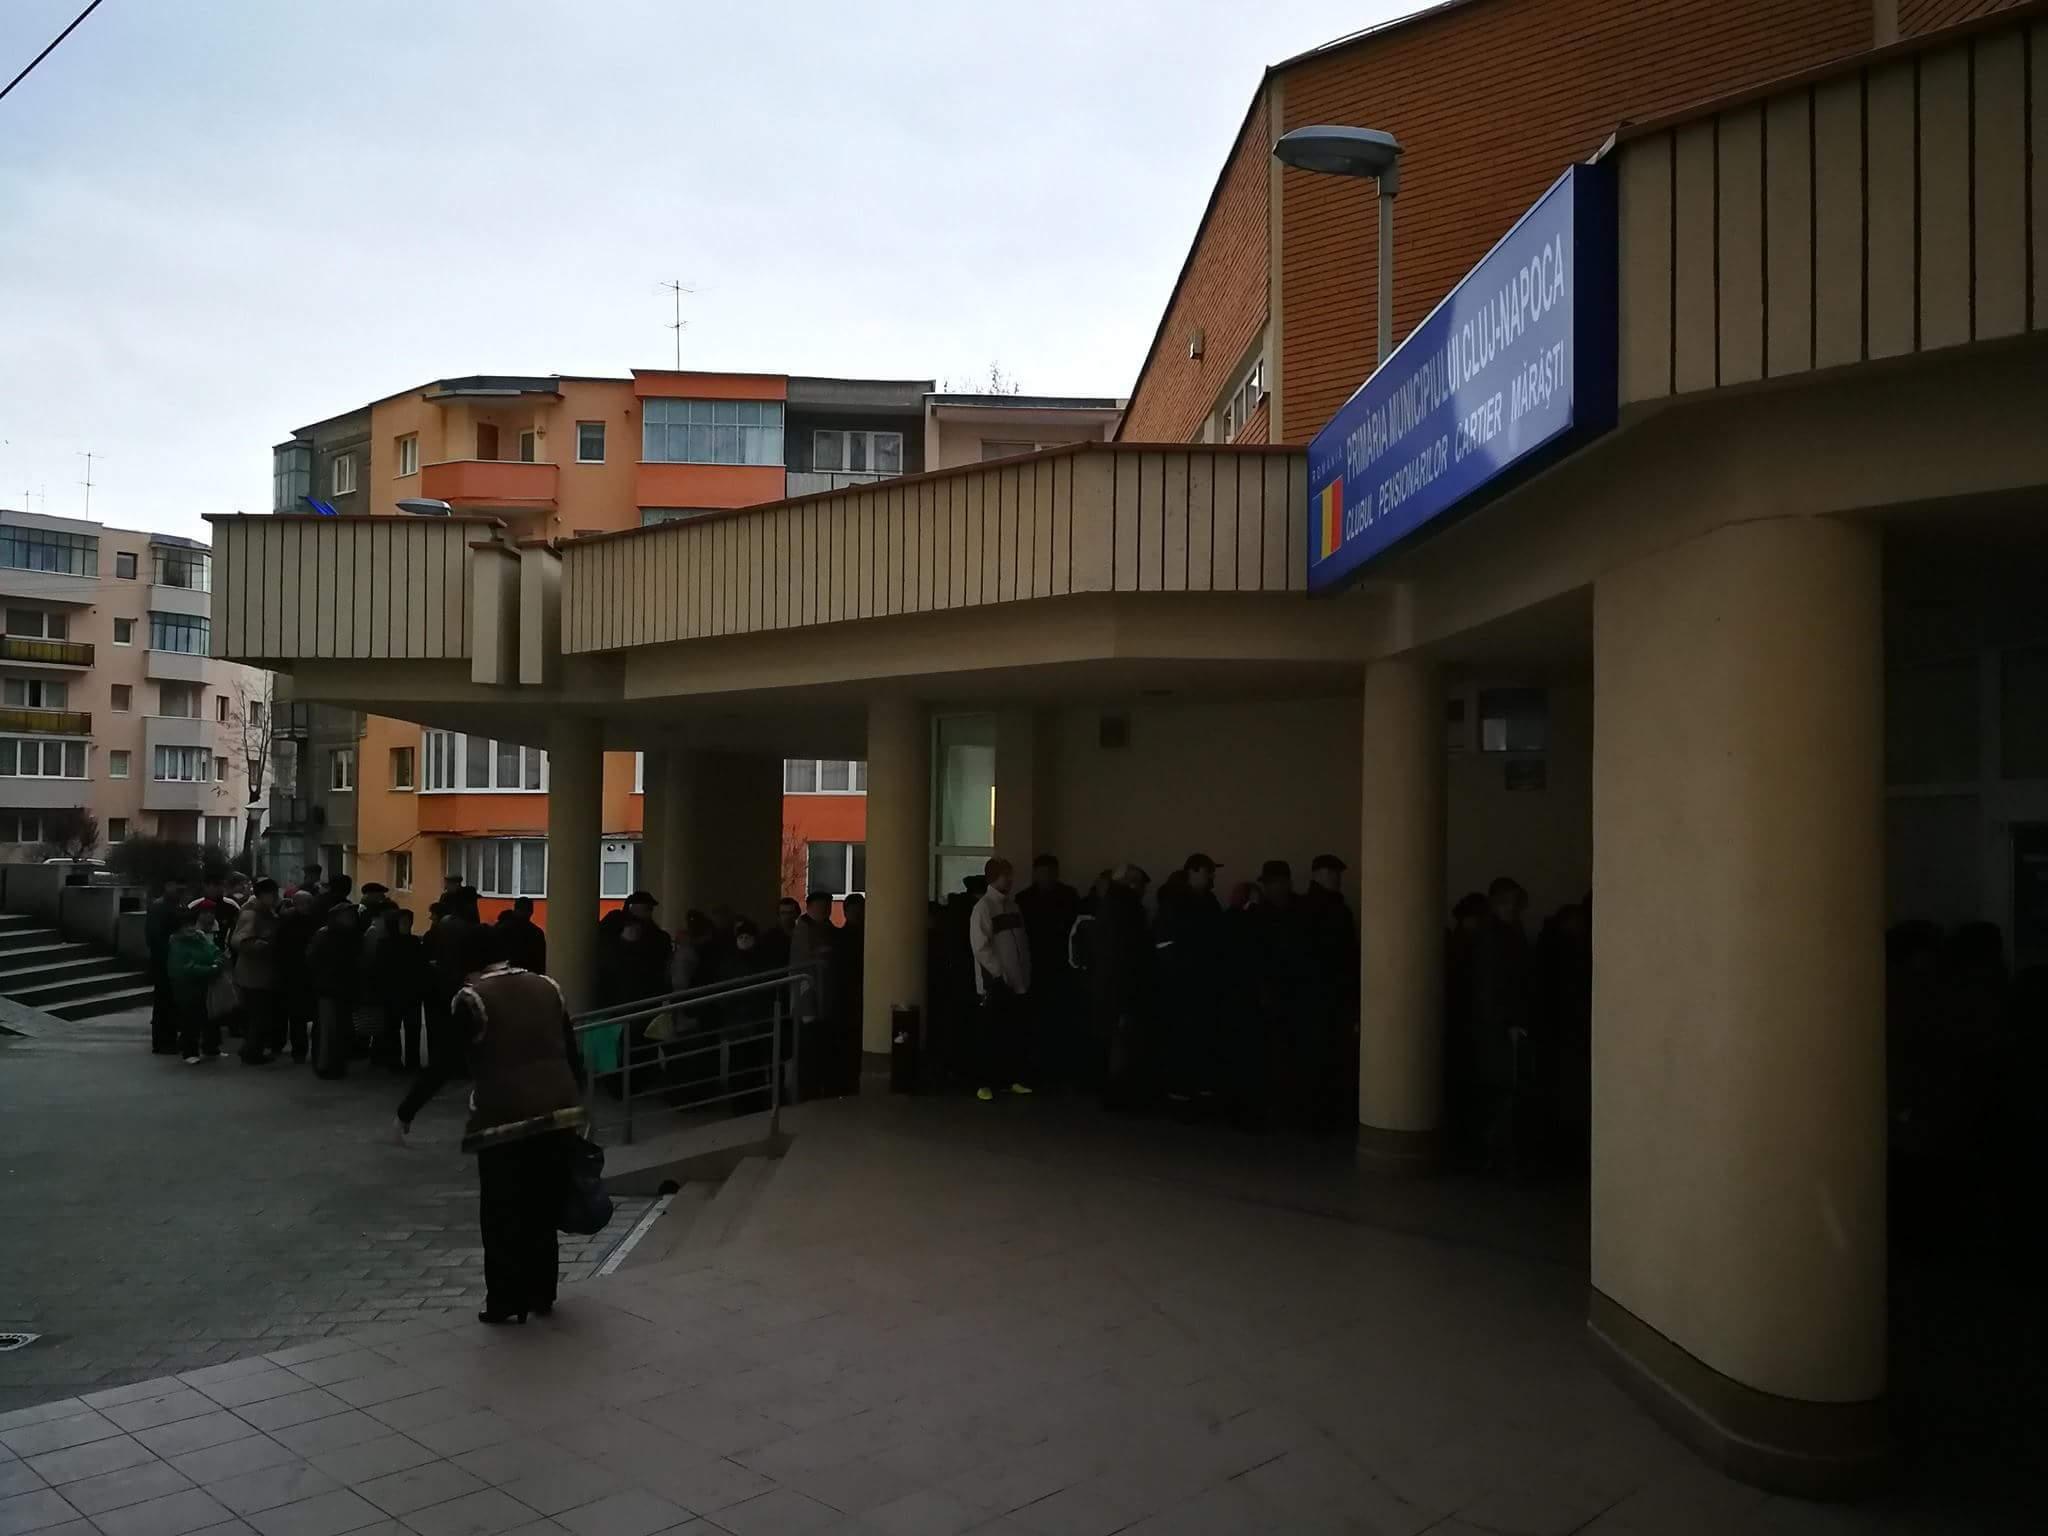 Sute de persoane cu venituri reduse din Cluj, la coadă pentru a primi pachete cu alimente gratuite | FOTO